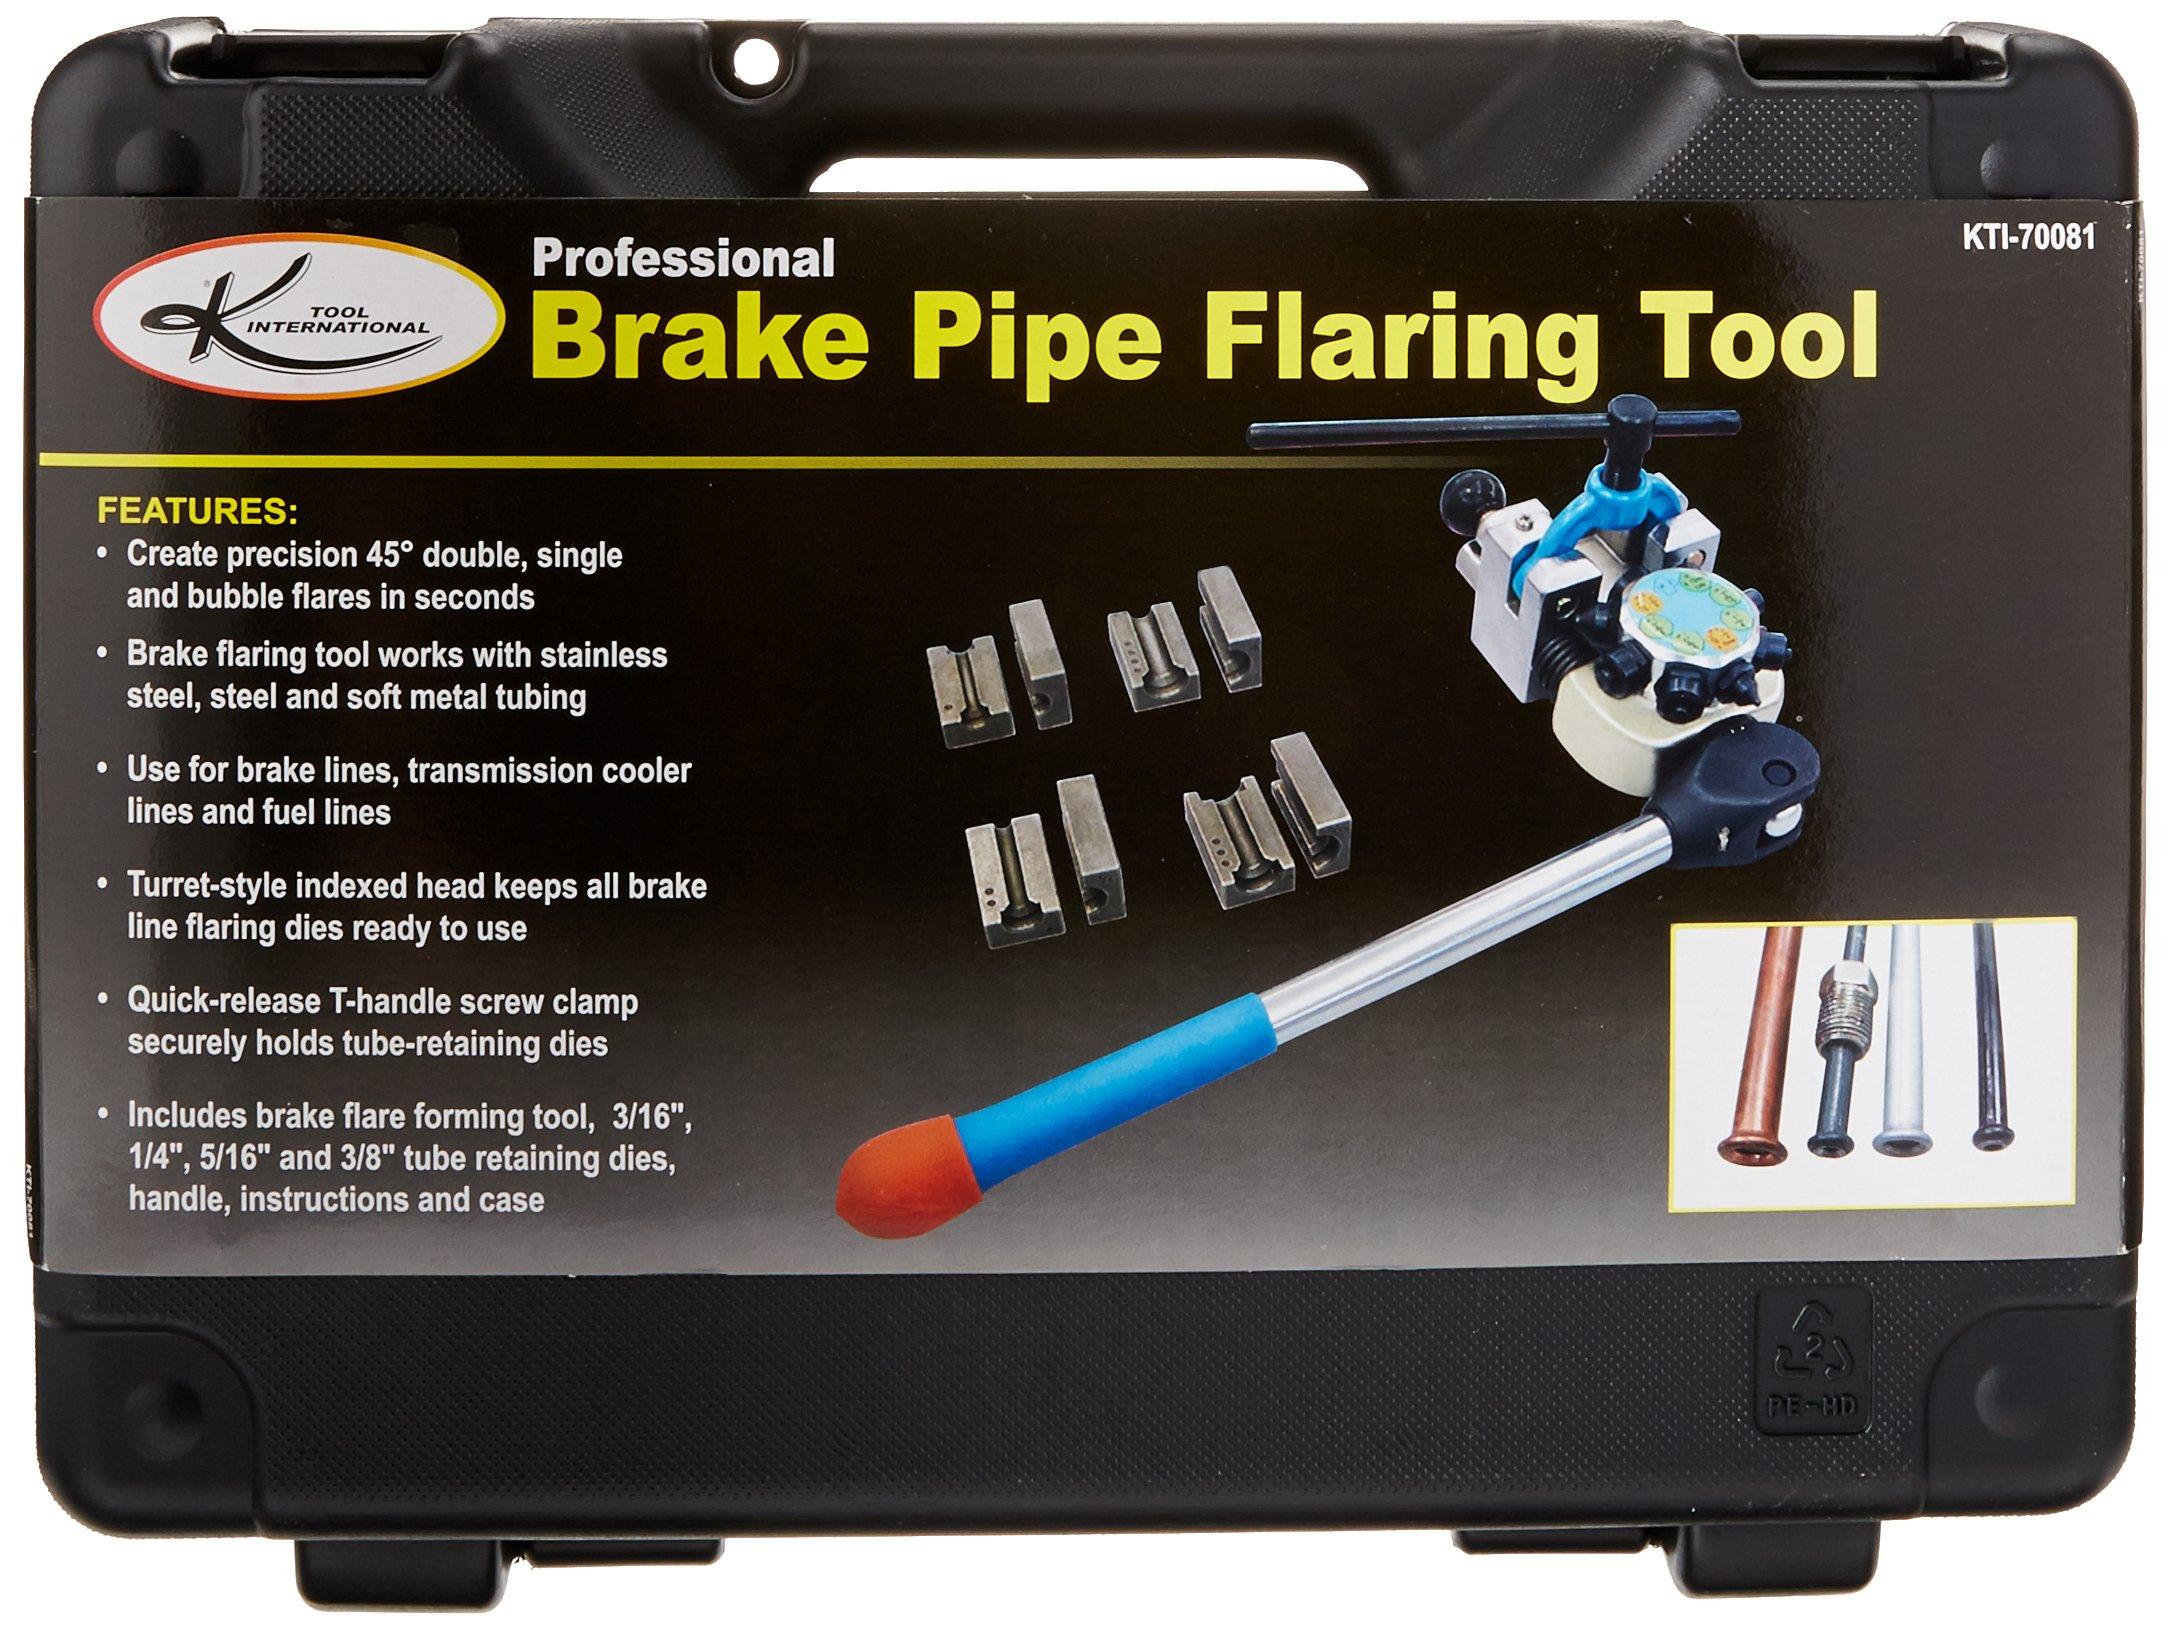 KTI (KTI-70081) Brake Line Flaring Tool by K-Tool International (Image #1)